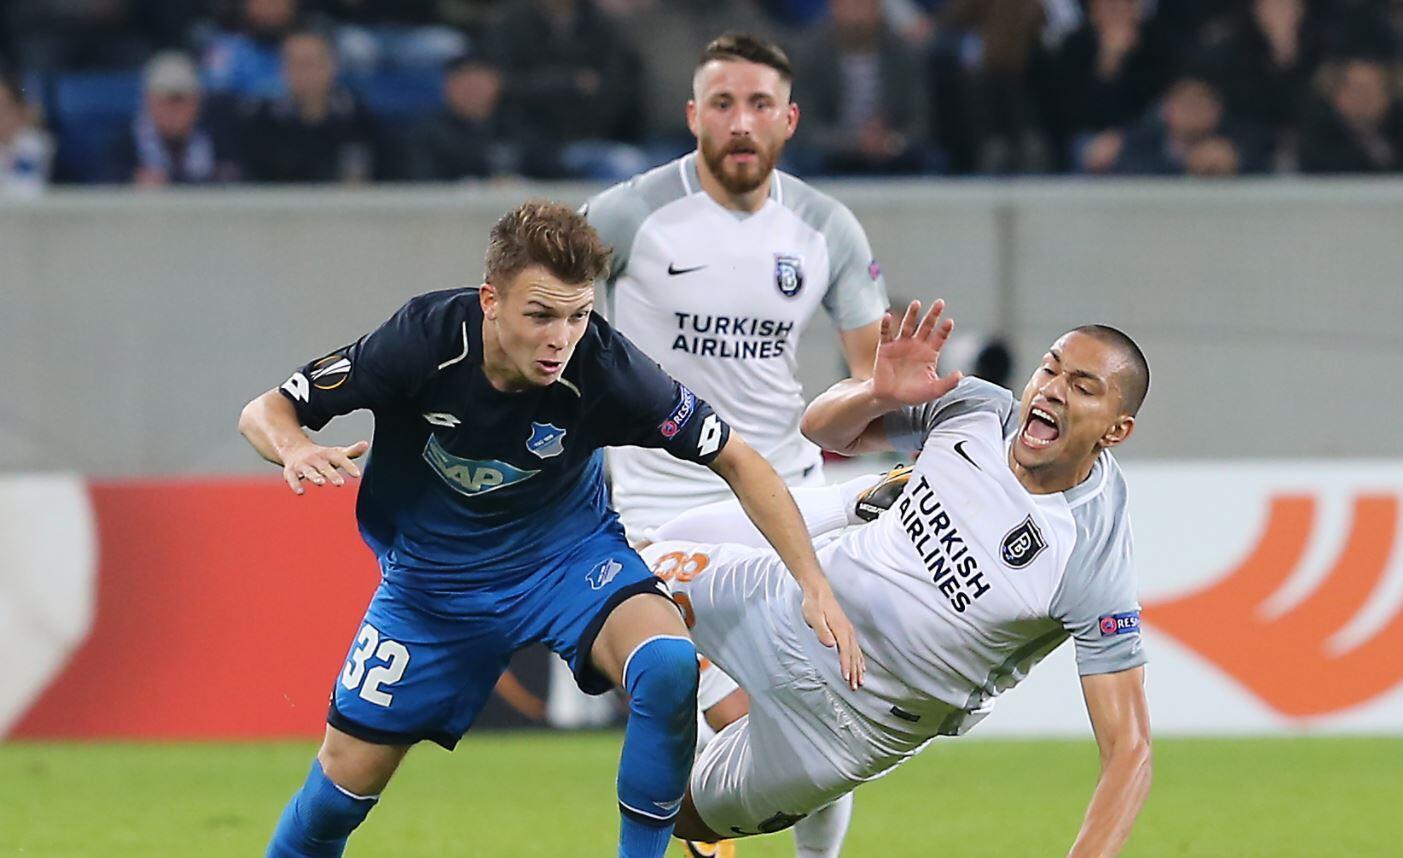 Başakşehir Hoffenheim'a boyun eğdi İşte maçın özeti ve golleri